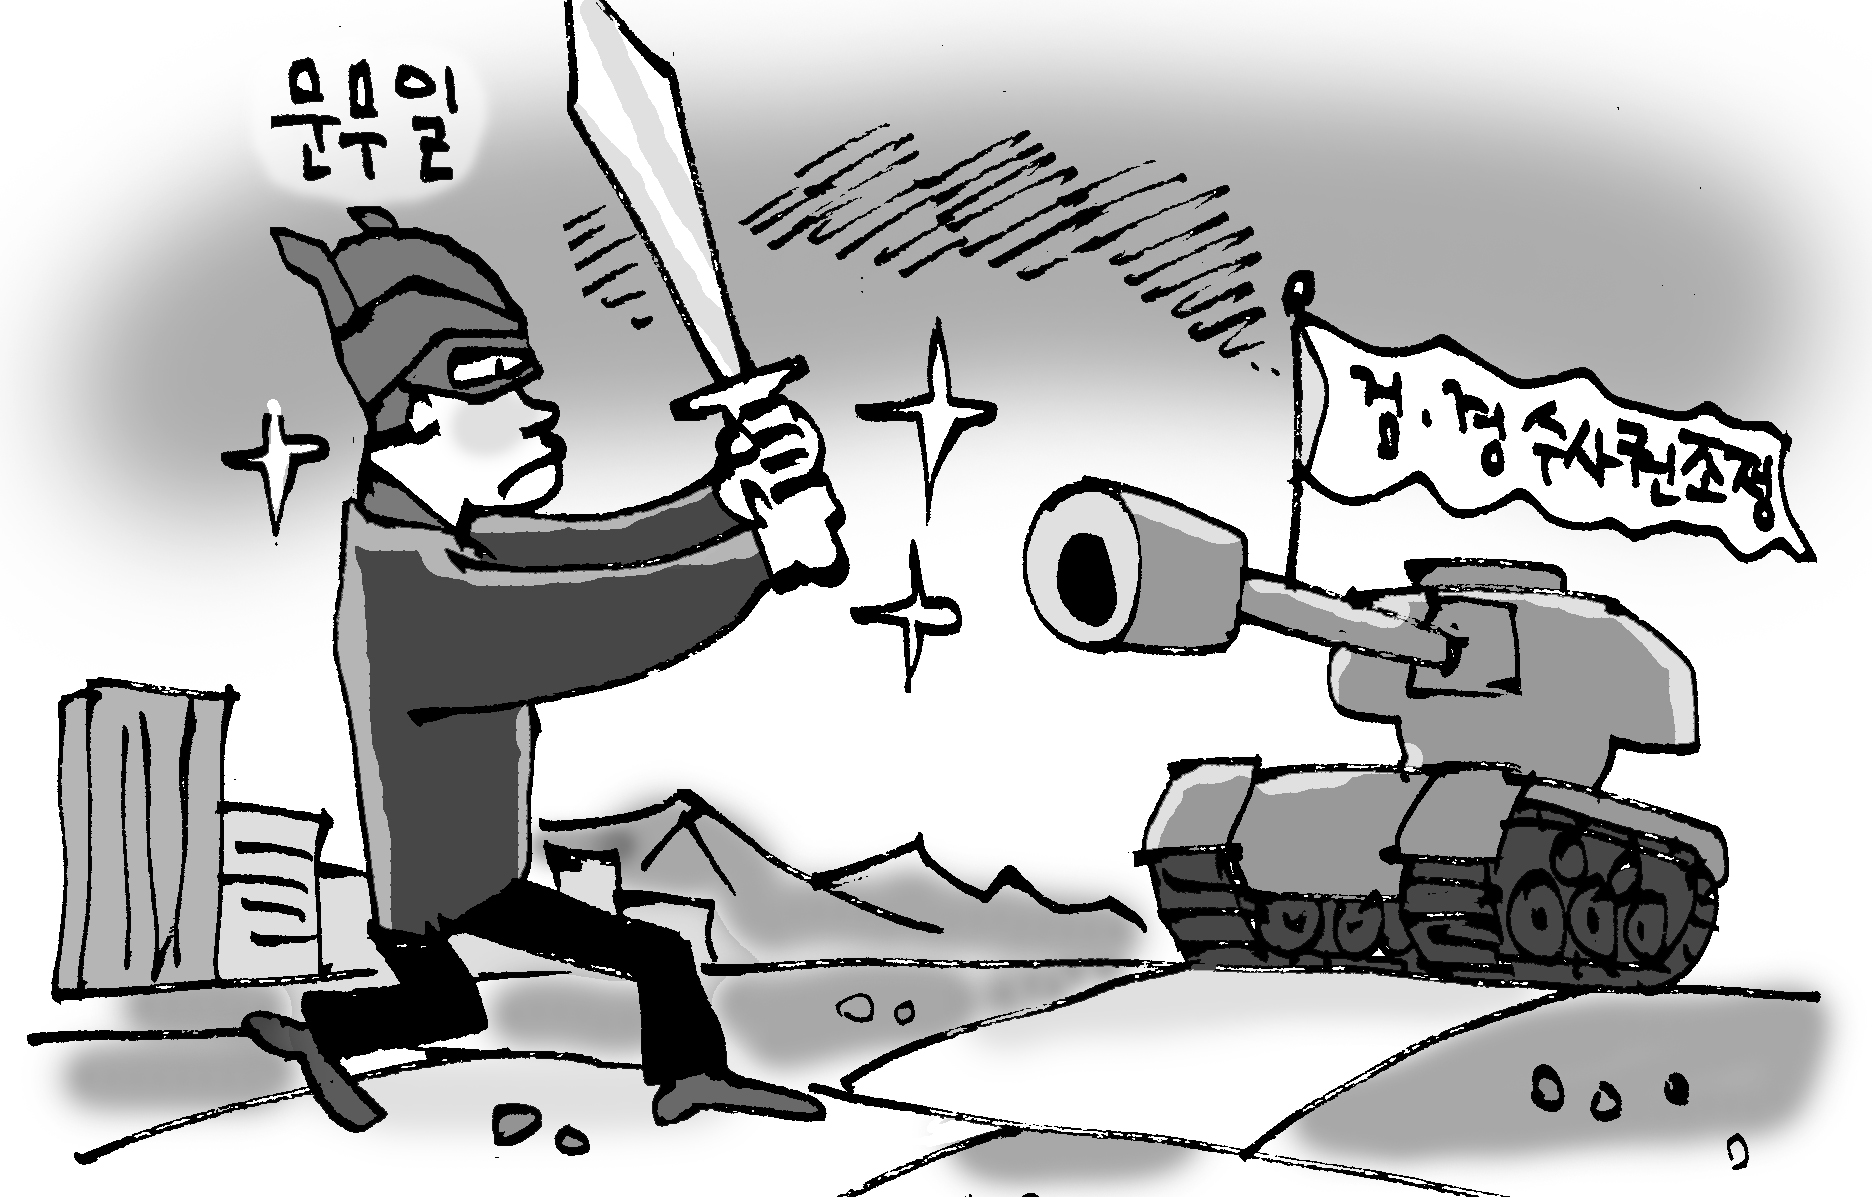 패스트 트랙 탄 '검·경 수사권조정'… 우려 목소리 높다